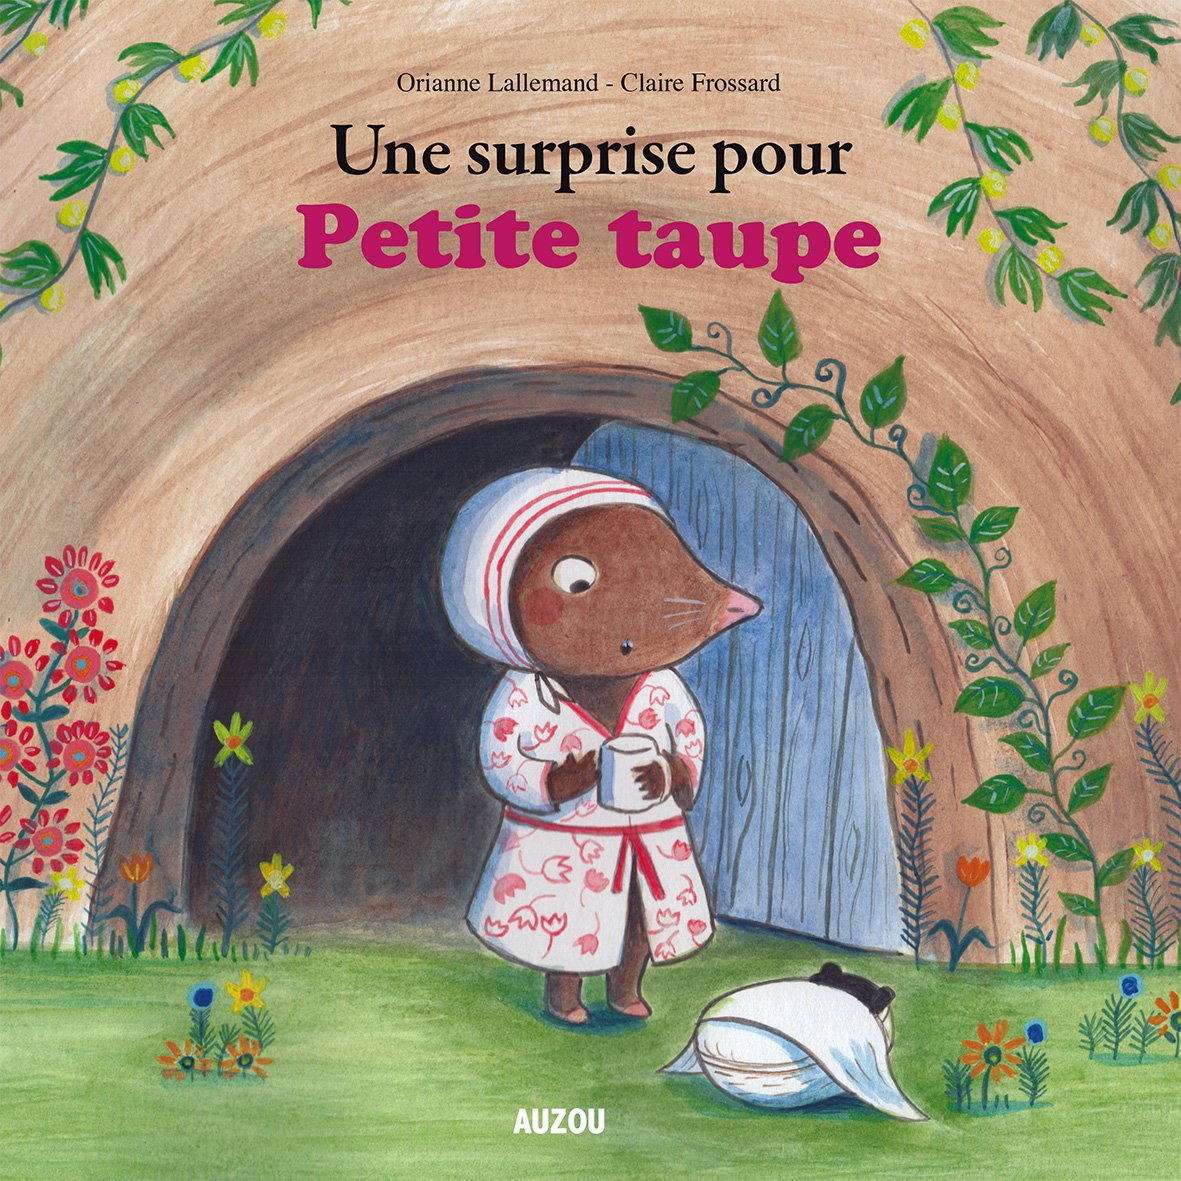 Amazon.fr - UNE SURPRISE POUR PETITE TAUPE (GRAND FORMAT) - Lallemand, Orianne, Frossard, Claire - Livres